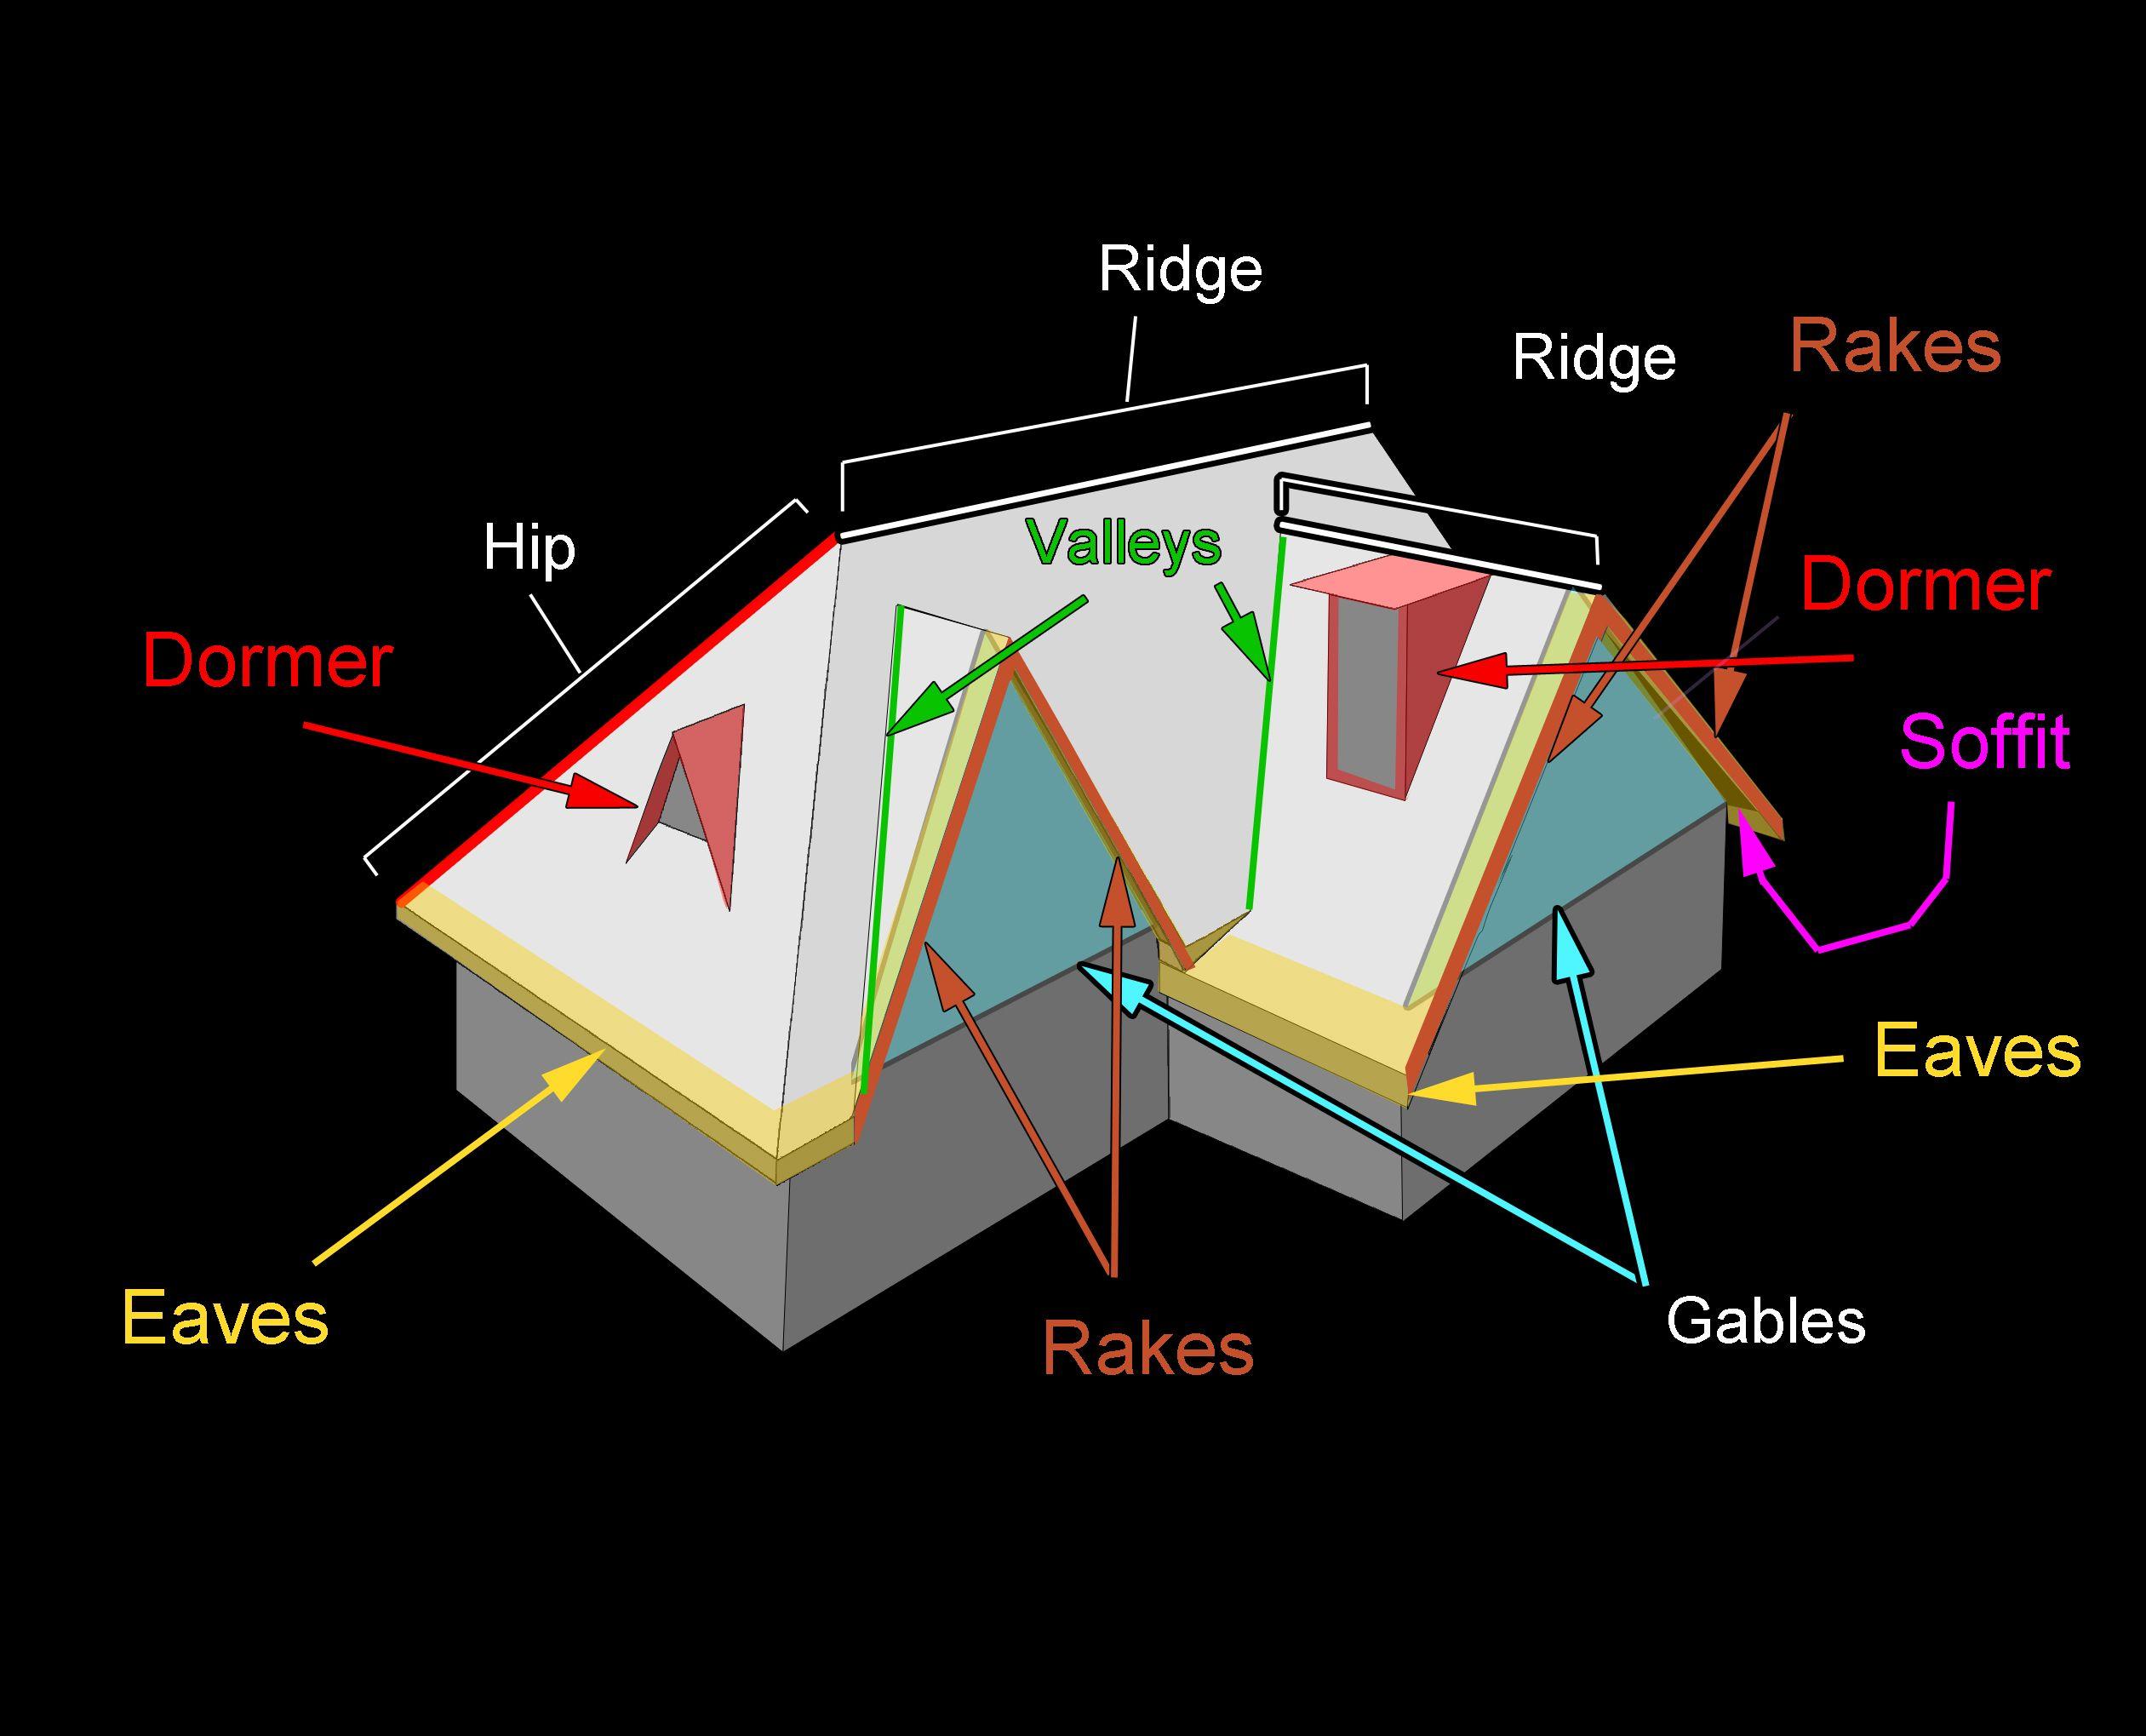 roofing diagram [ 2521 x 2039 Pixel ]